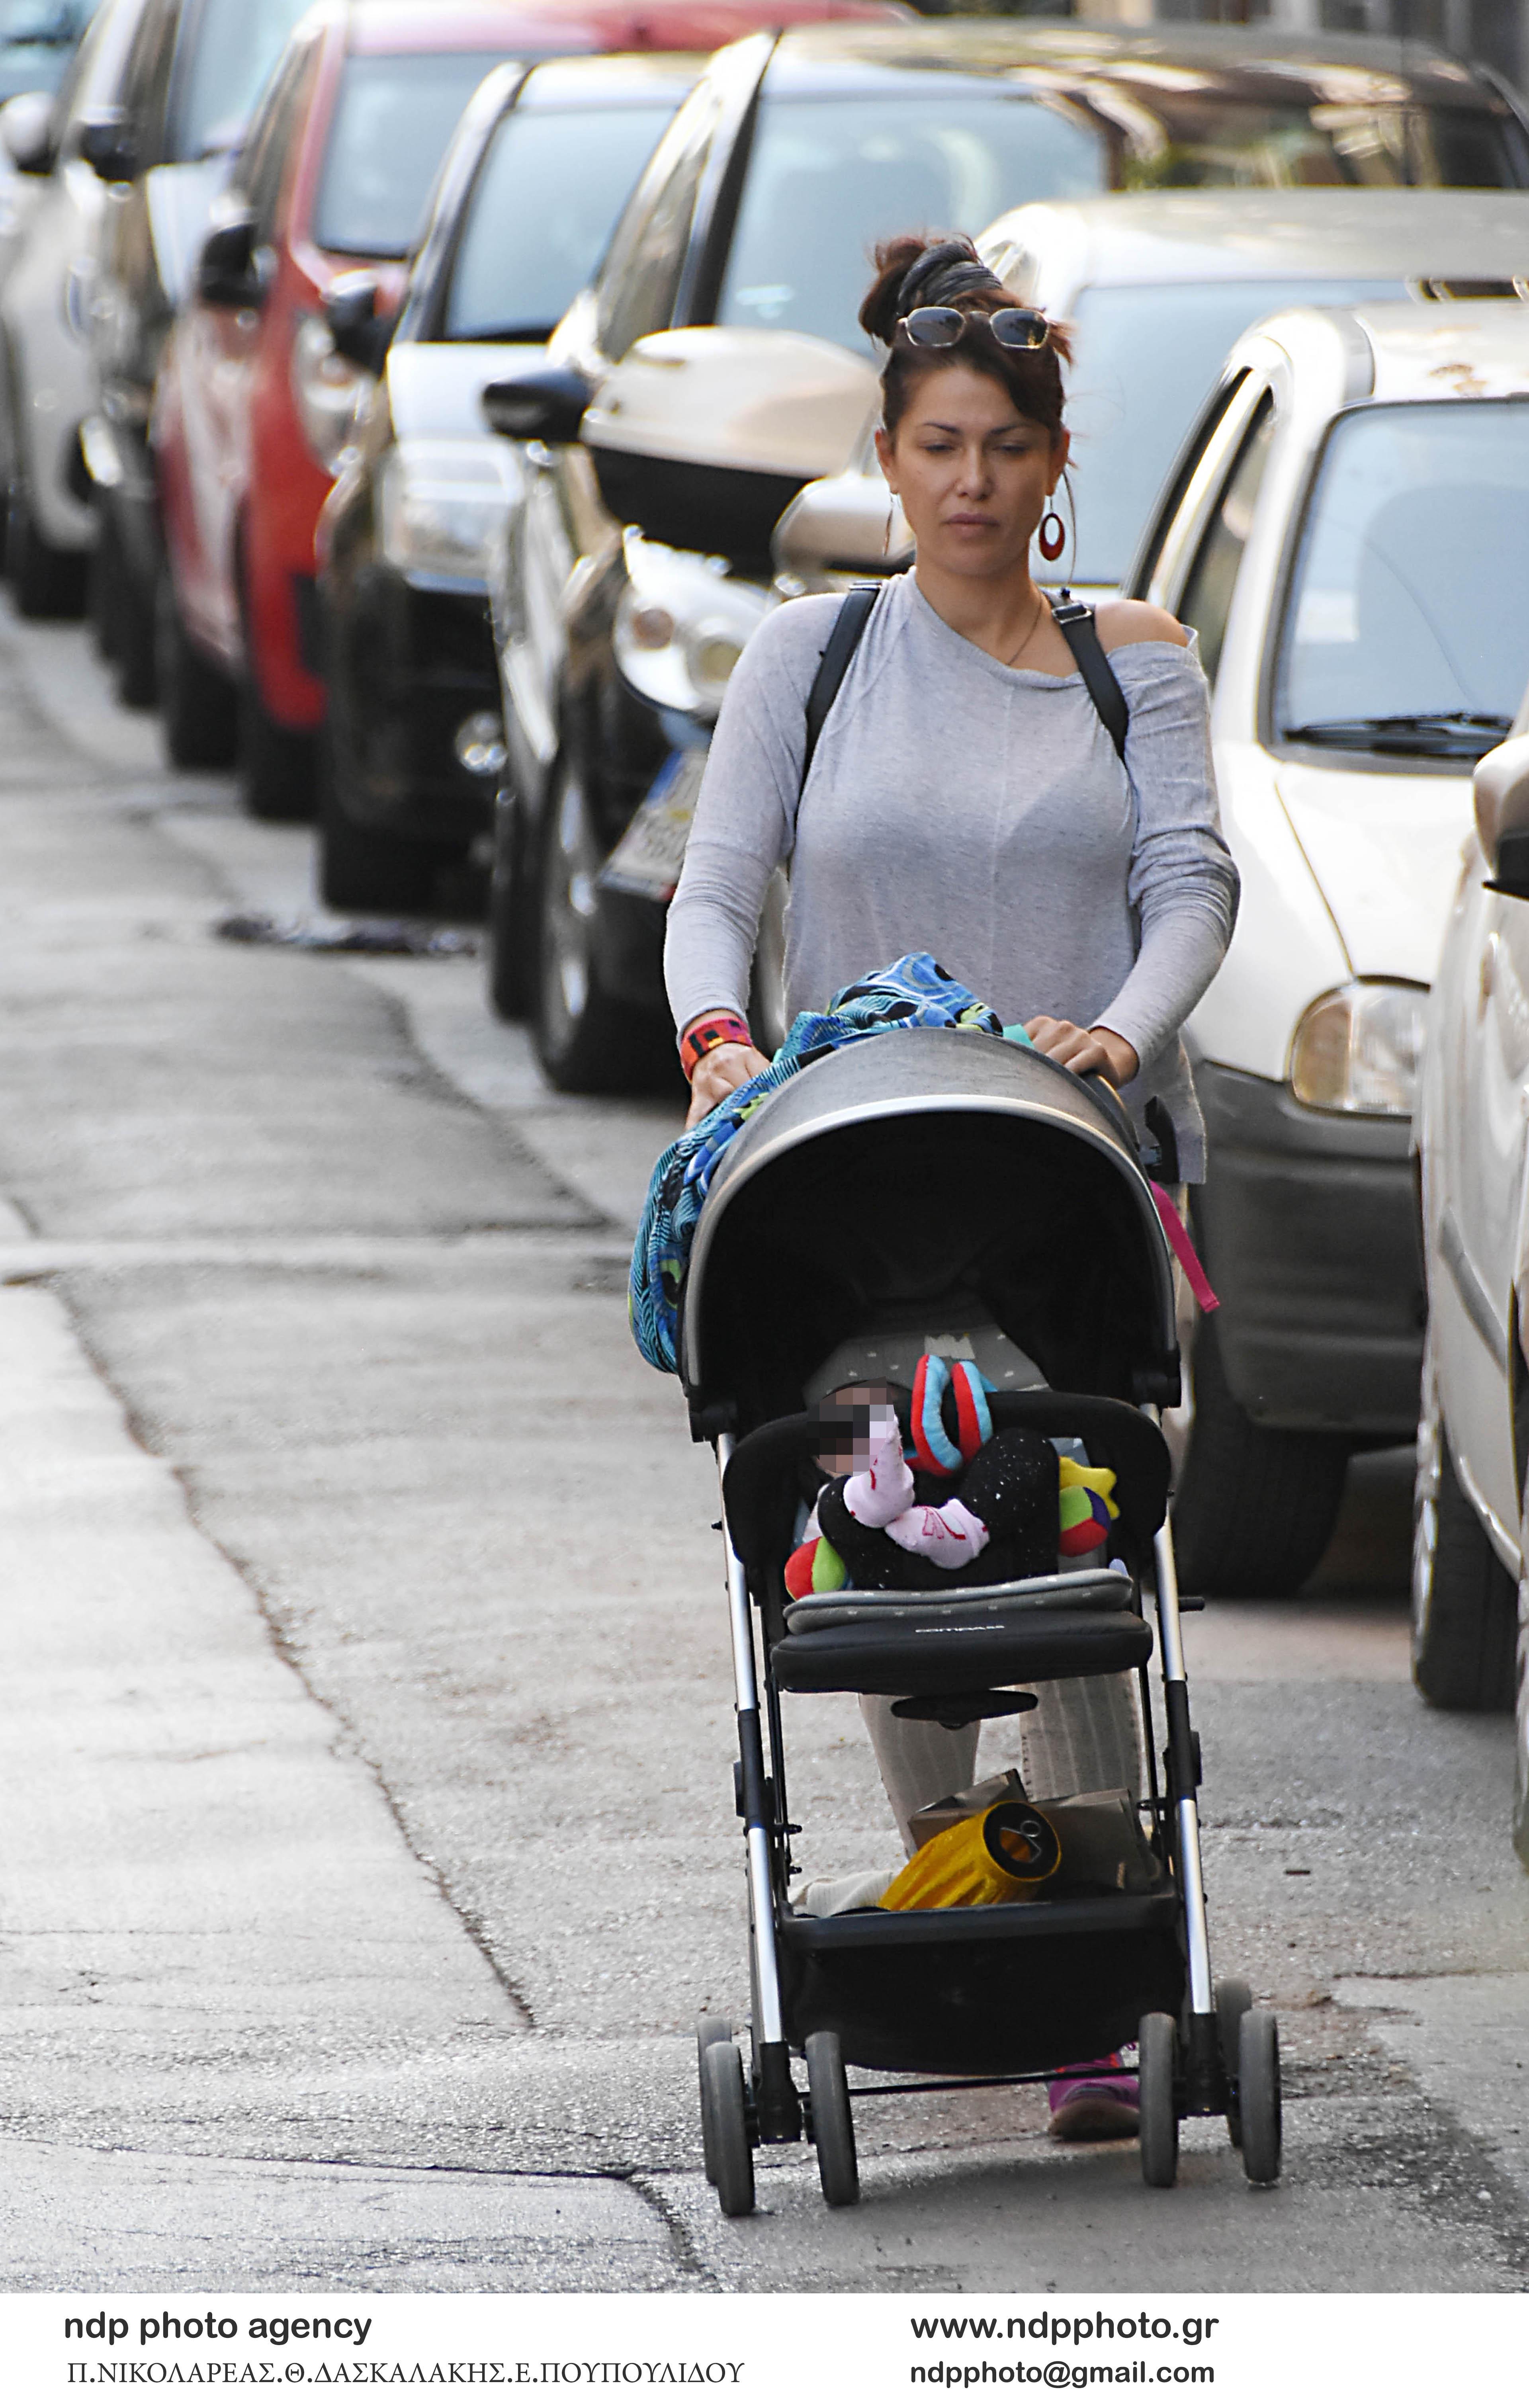 Βόλτα της Κλέλια Ρένεση με το μωρό